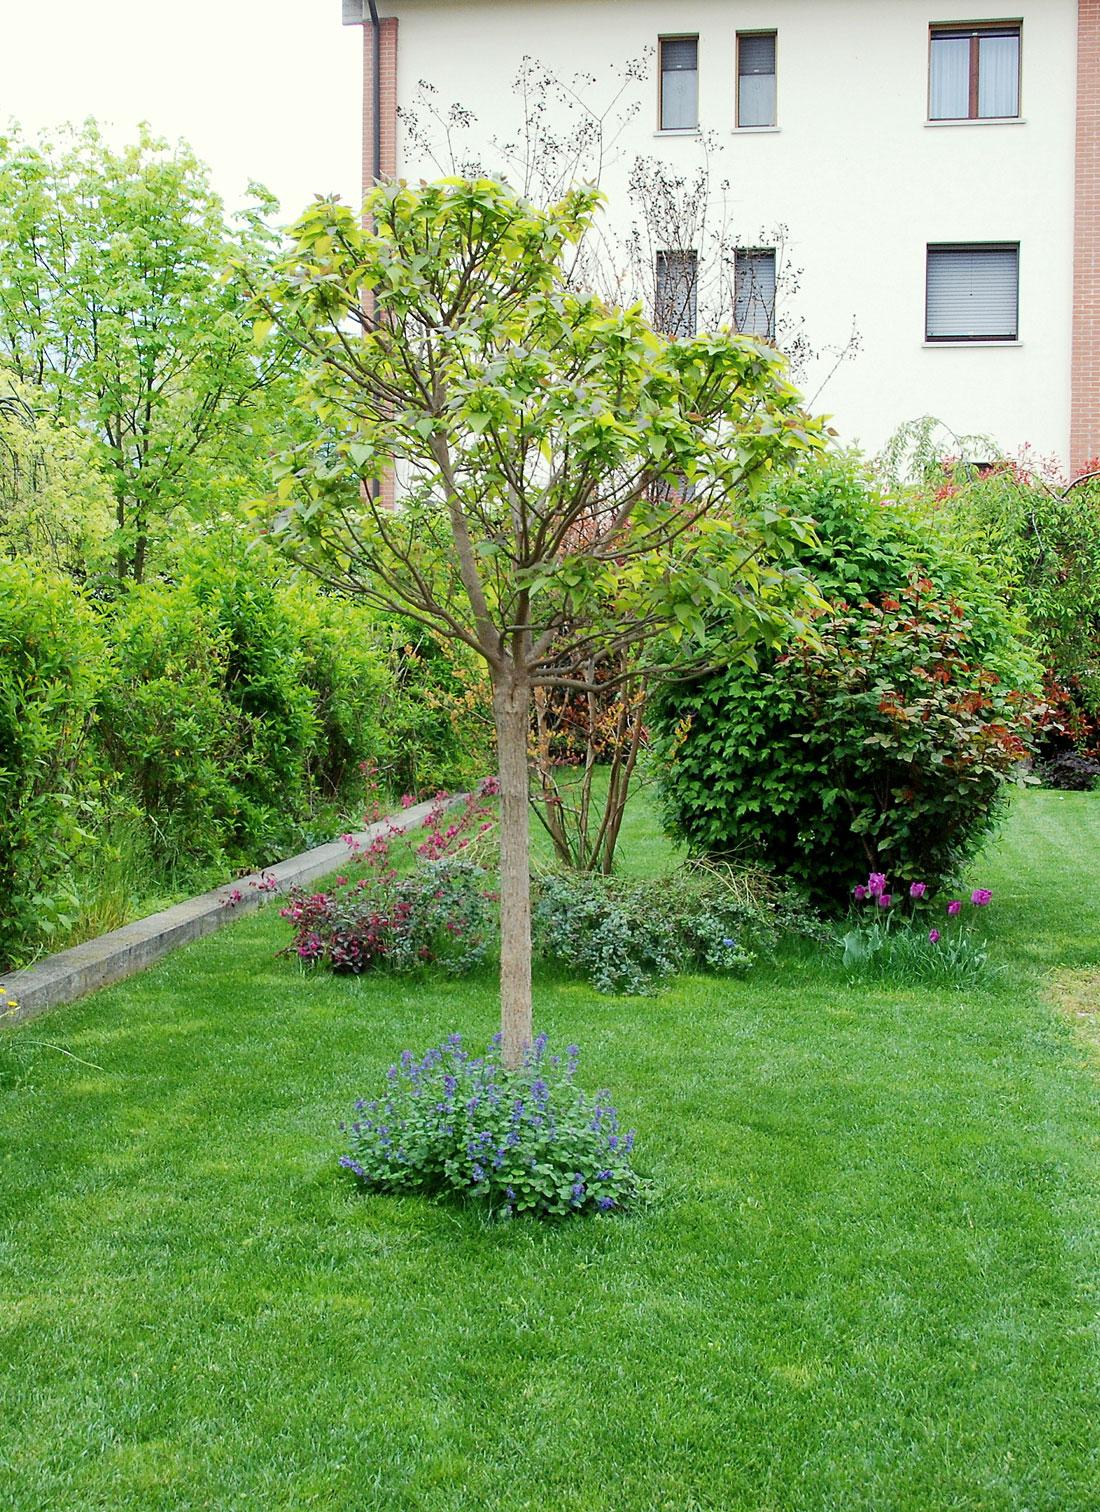 Il mondo in un giardino fine aprile in giardino - Alberi da giardino piccoli ...